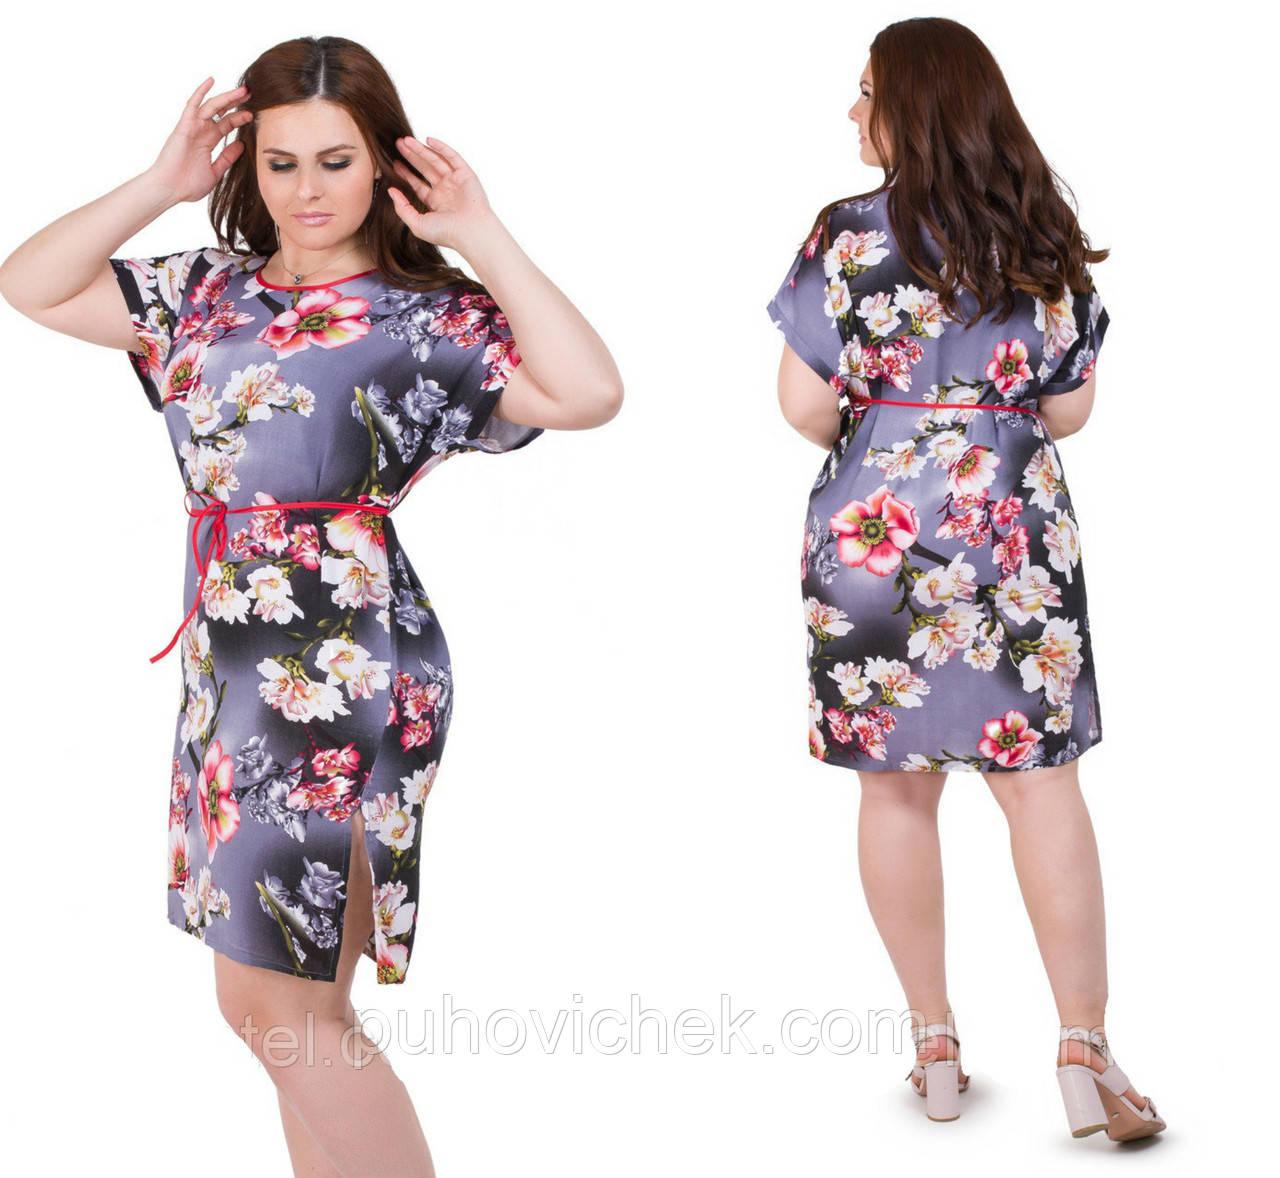 Модная женская туника летняя платье размеры 48-54